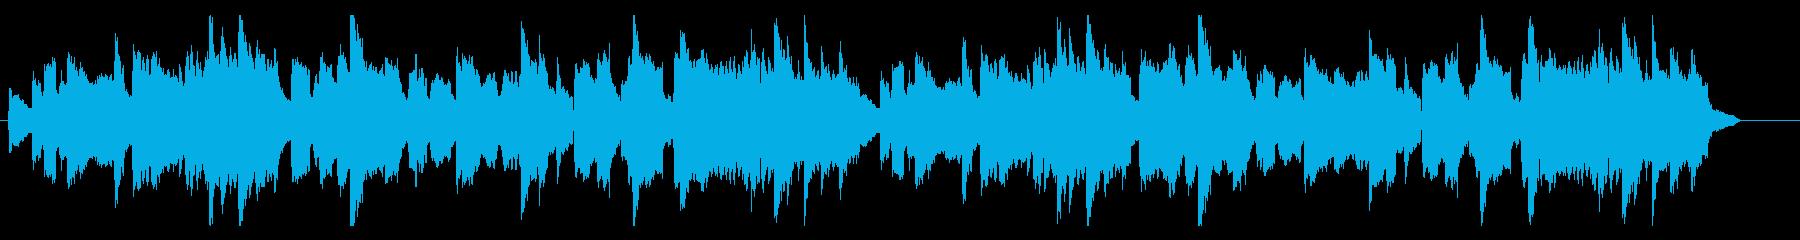 心に寄り添うような曲_ヘッケルフォンの再生済みの波形